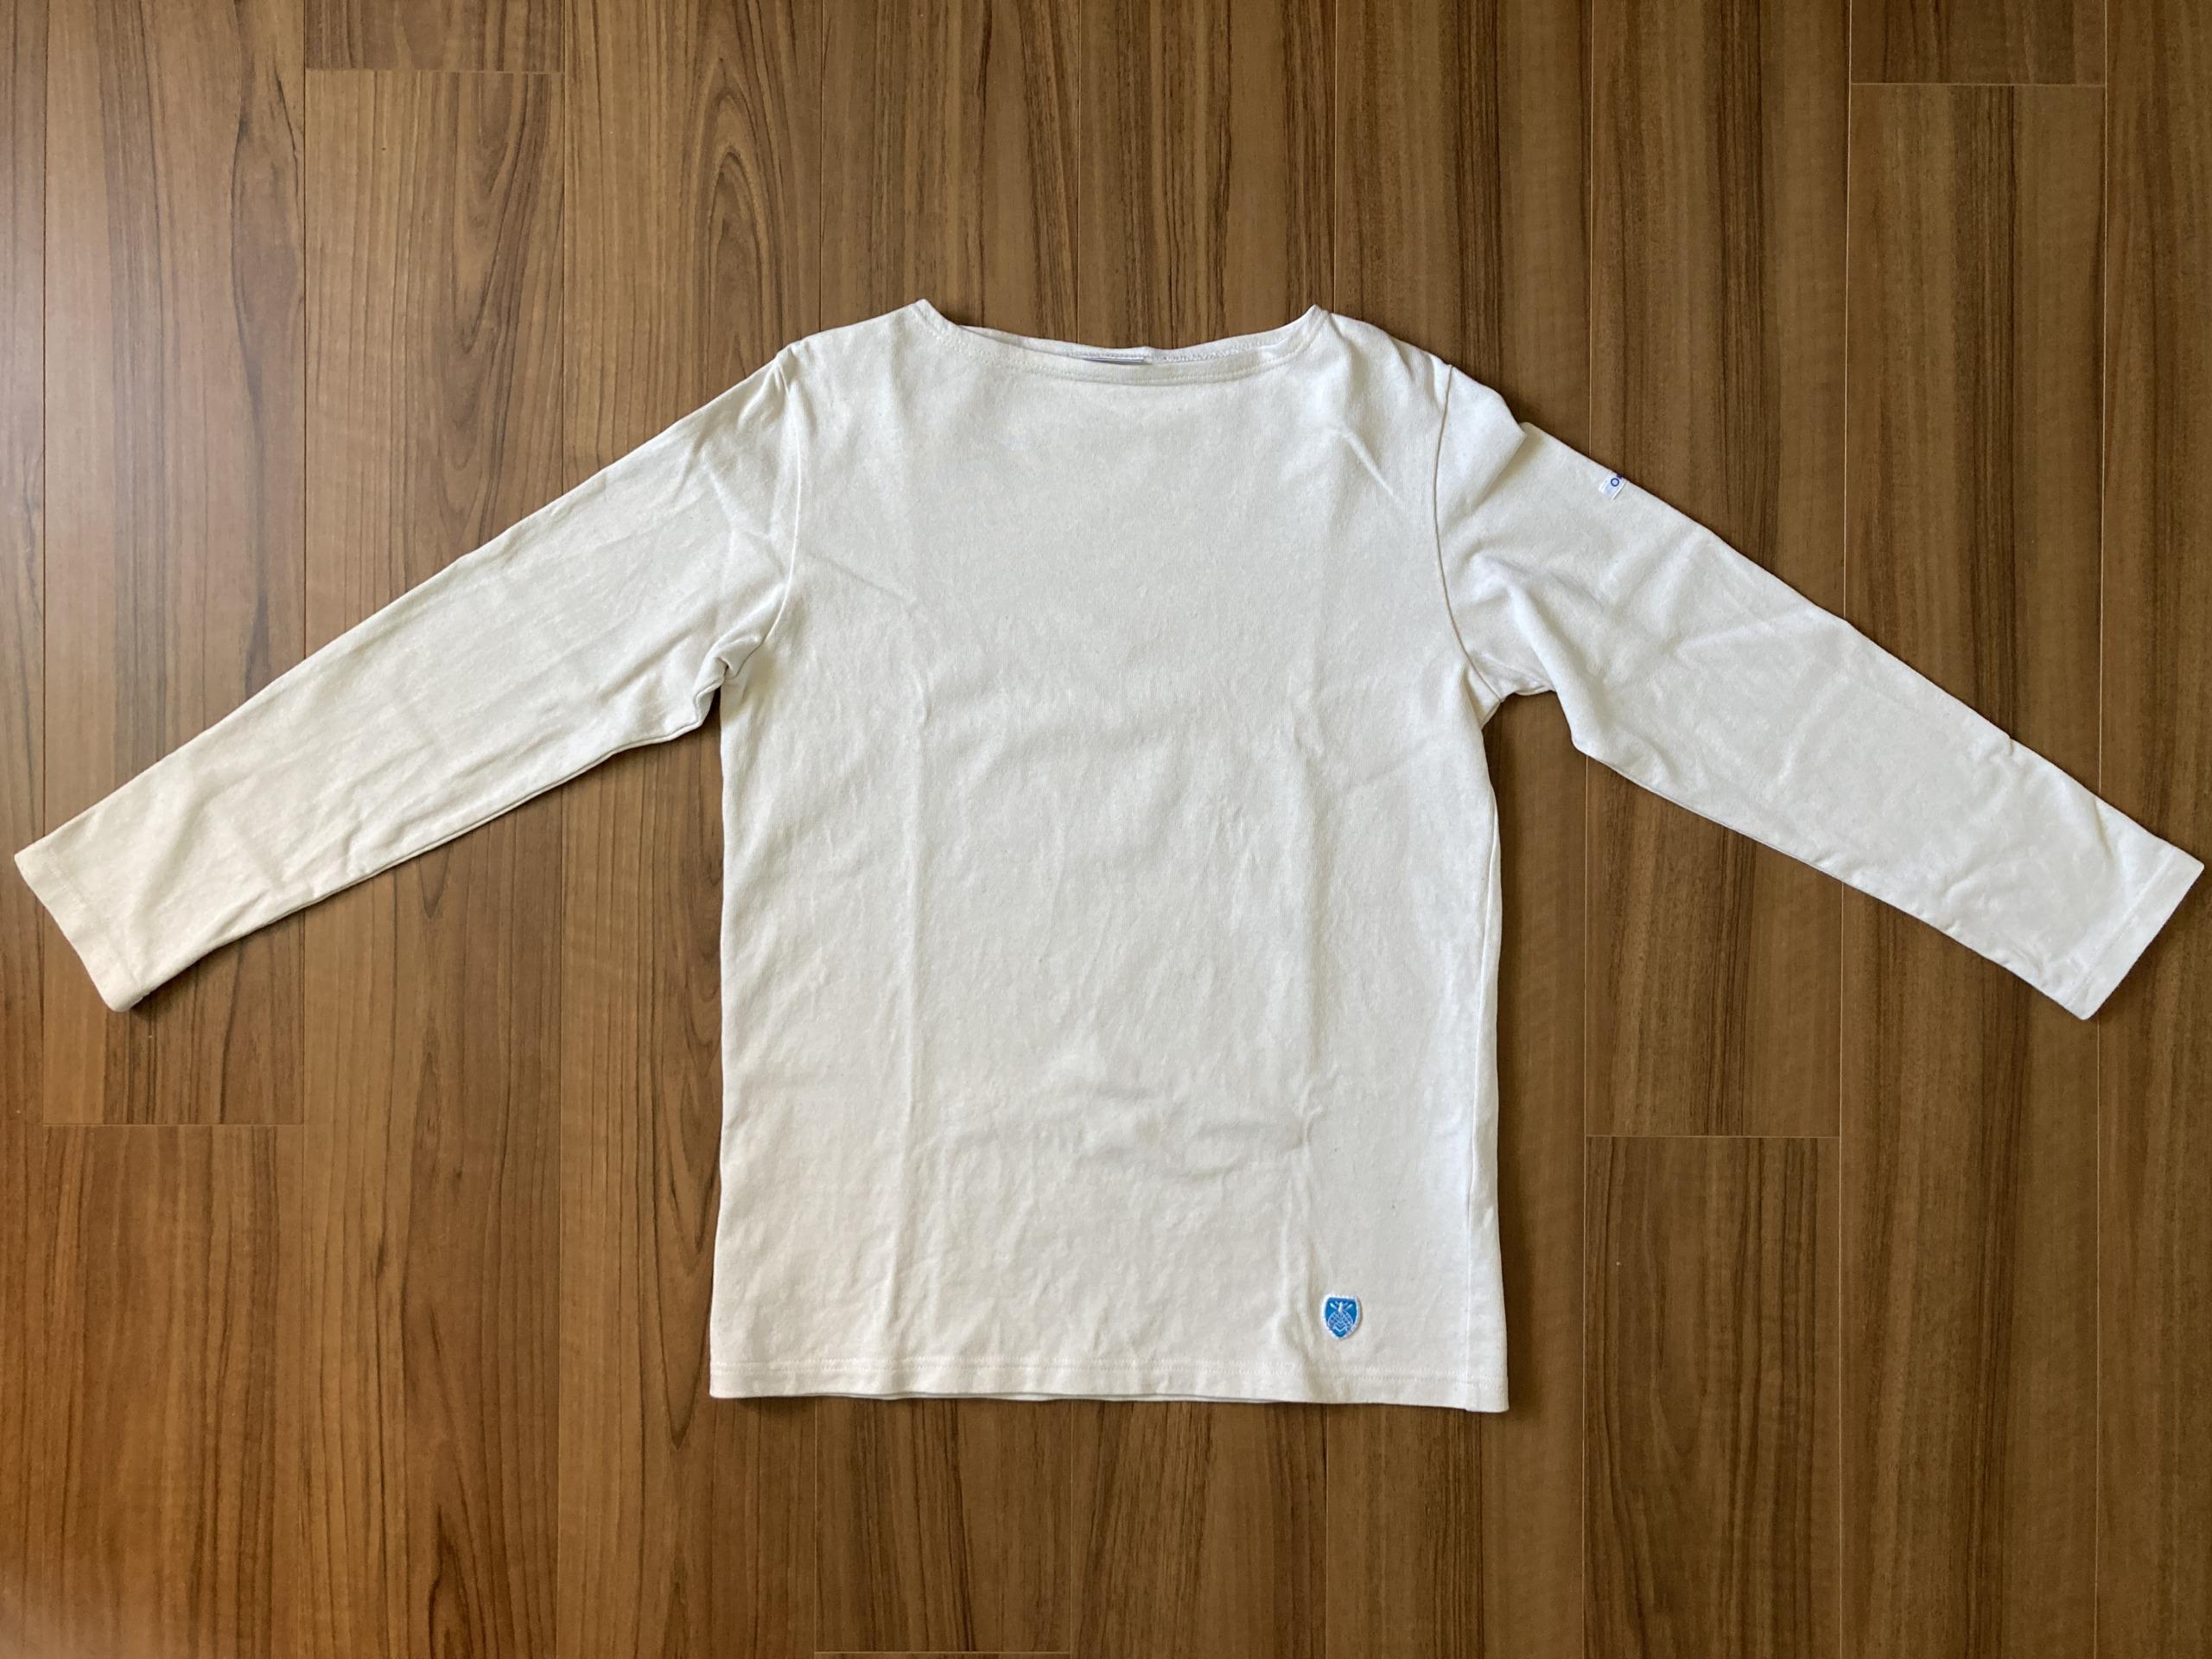 オーシバル コットンロード Orcival バスクシャツ 4回洗濯後 襟 全体観